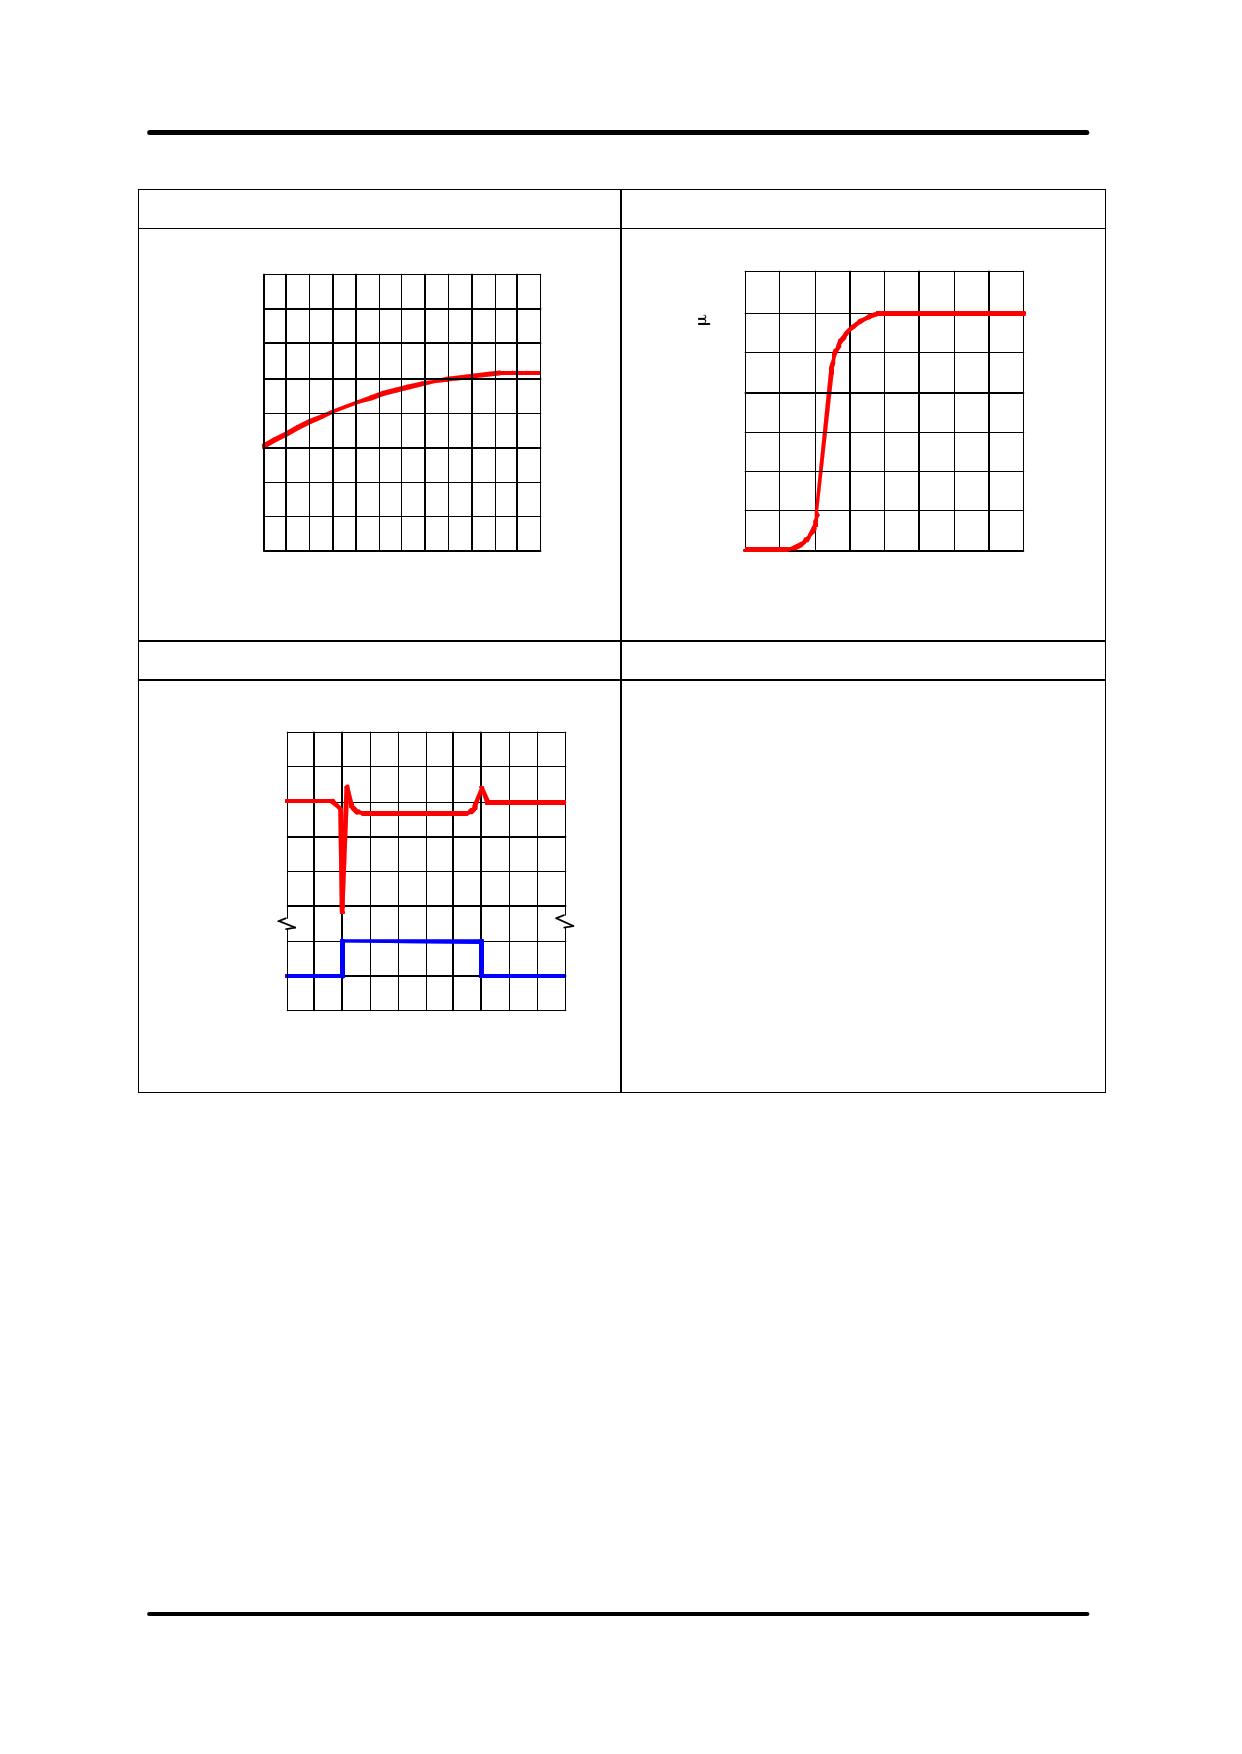 GS2905 pdf